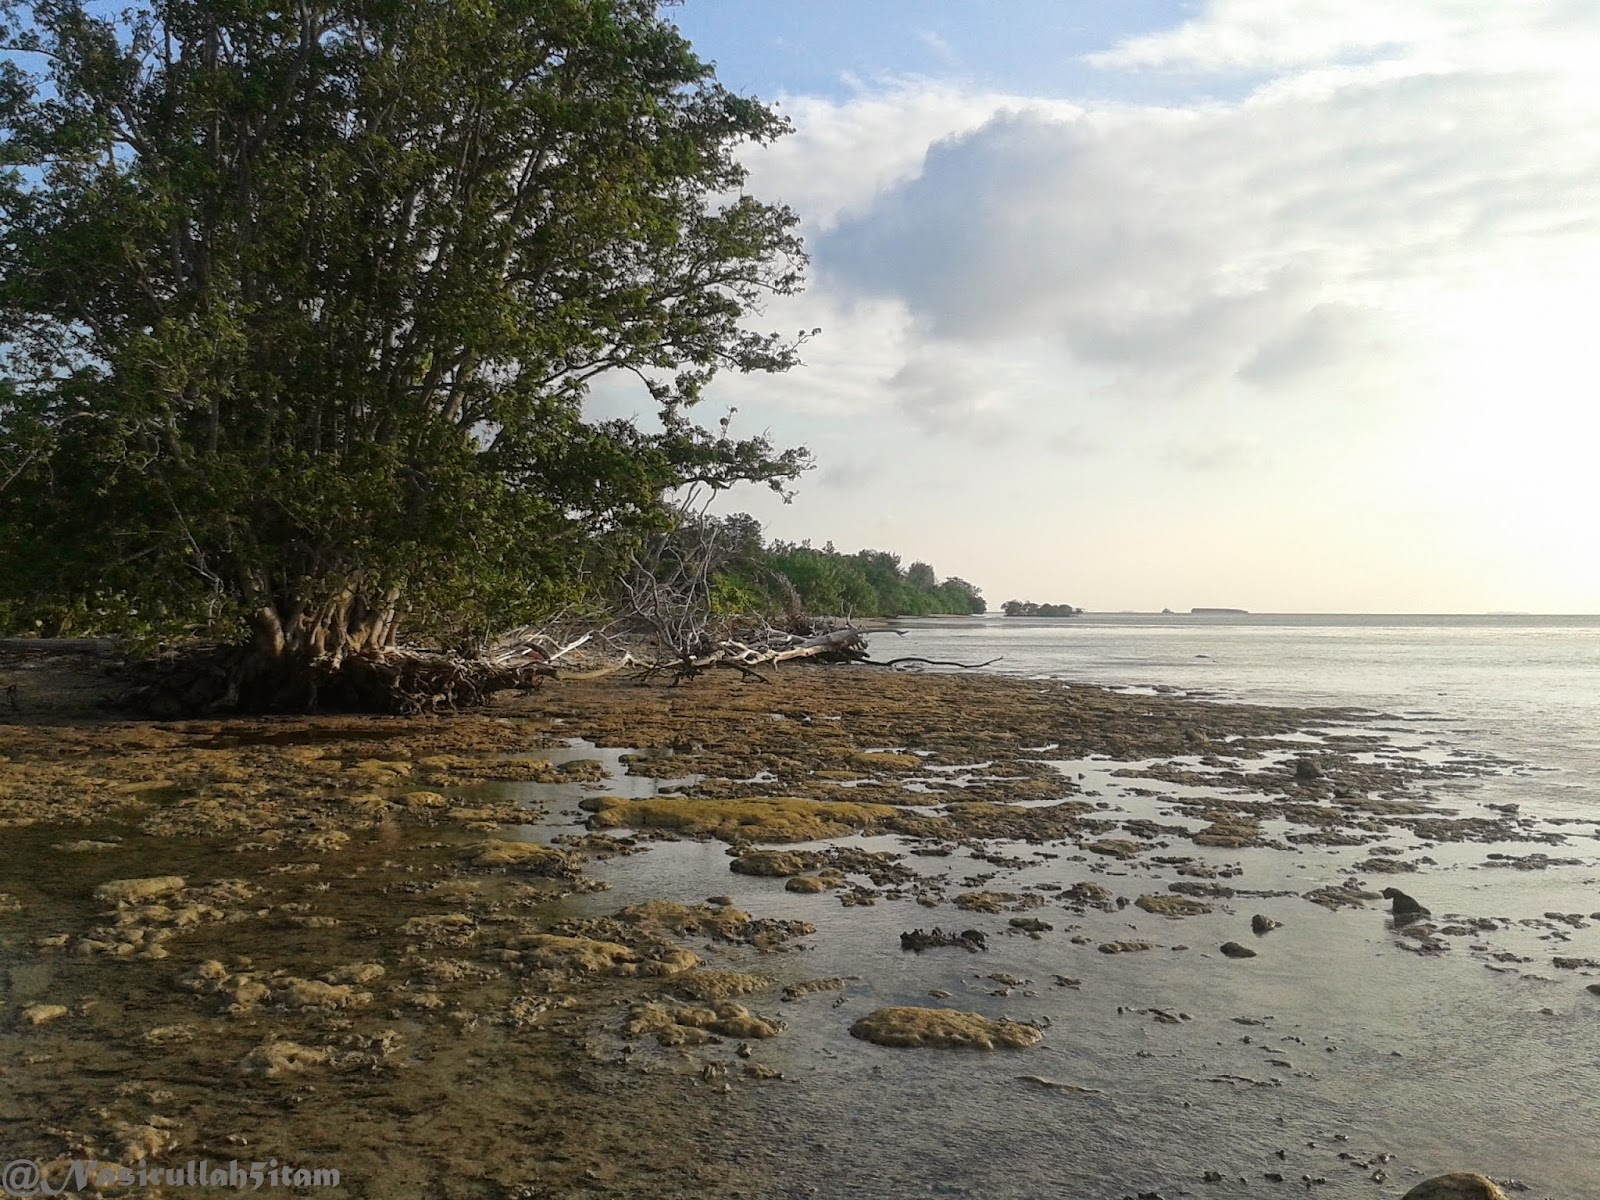 Pesisir di pantai Batu Pengantin, Ujung Batulawang, Karimunjawa